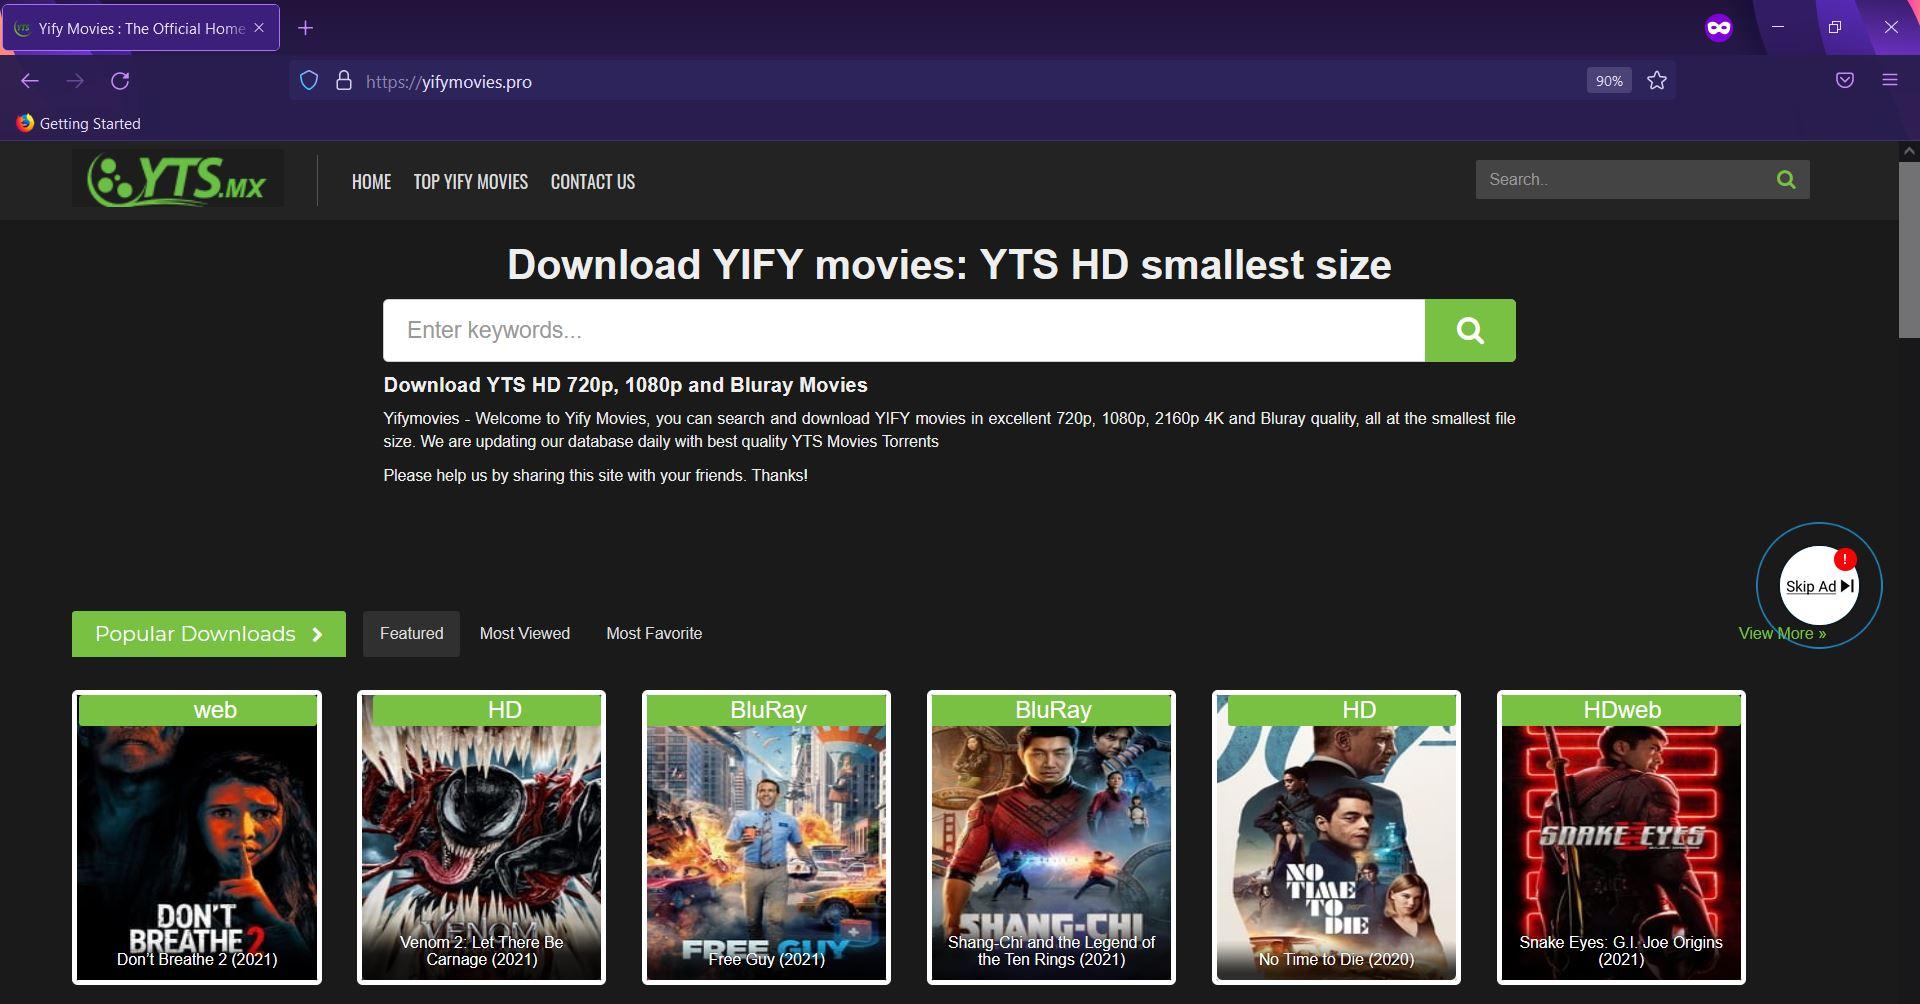 voorkomen dat advertenties van Yifymovies in de browser verschijnen